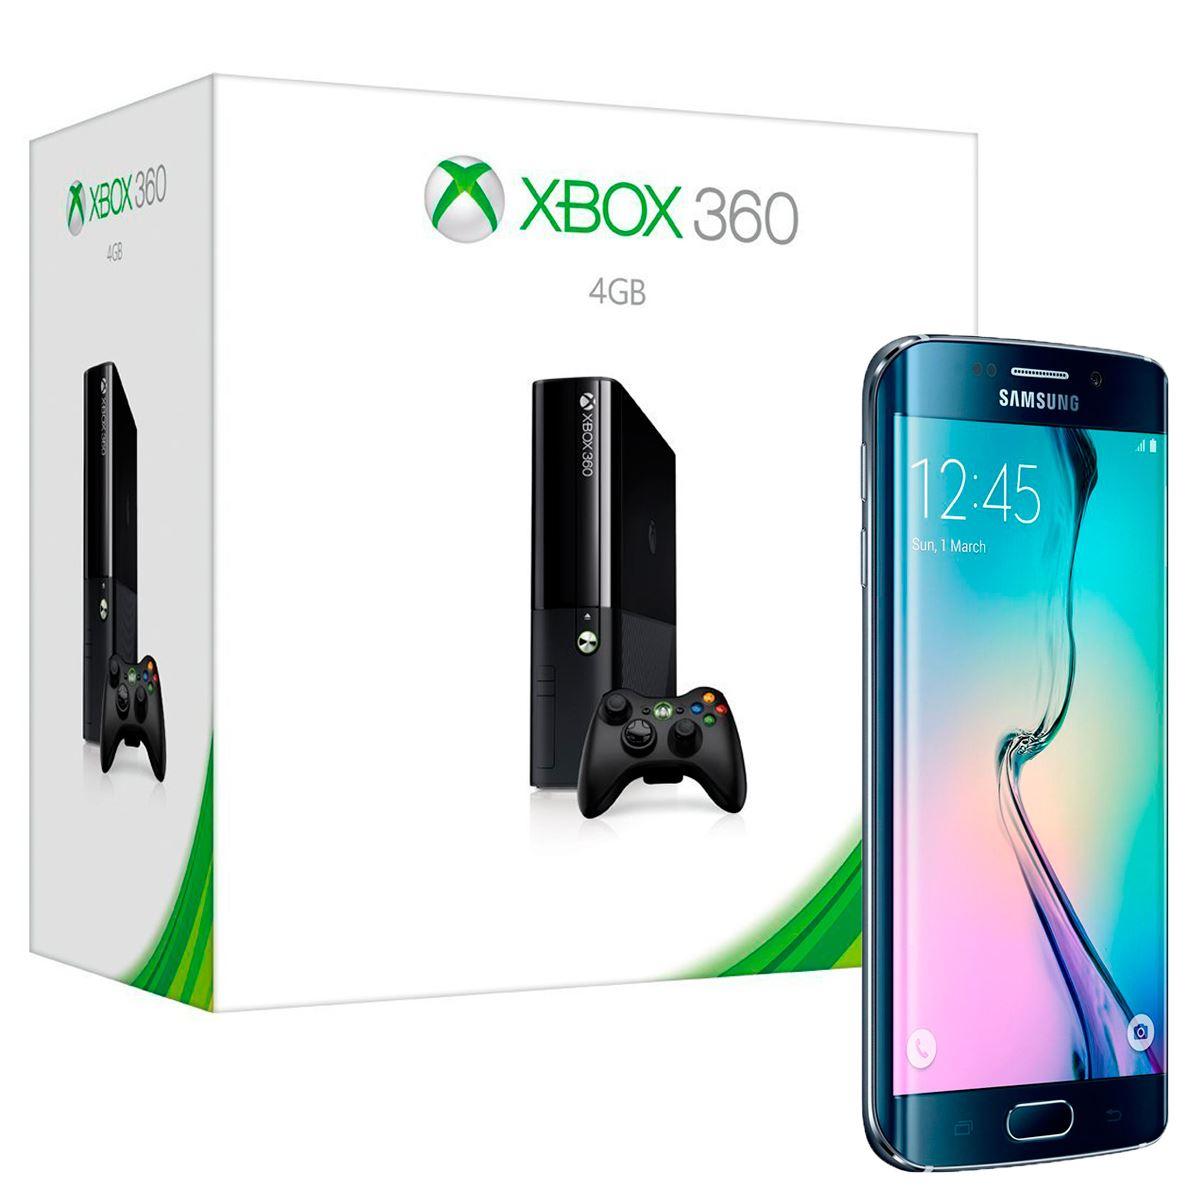 Claro Shop: Paquete Galaxy S6 Edge 32 gb y Xbox 360 4 gb a $12,979